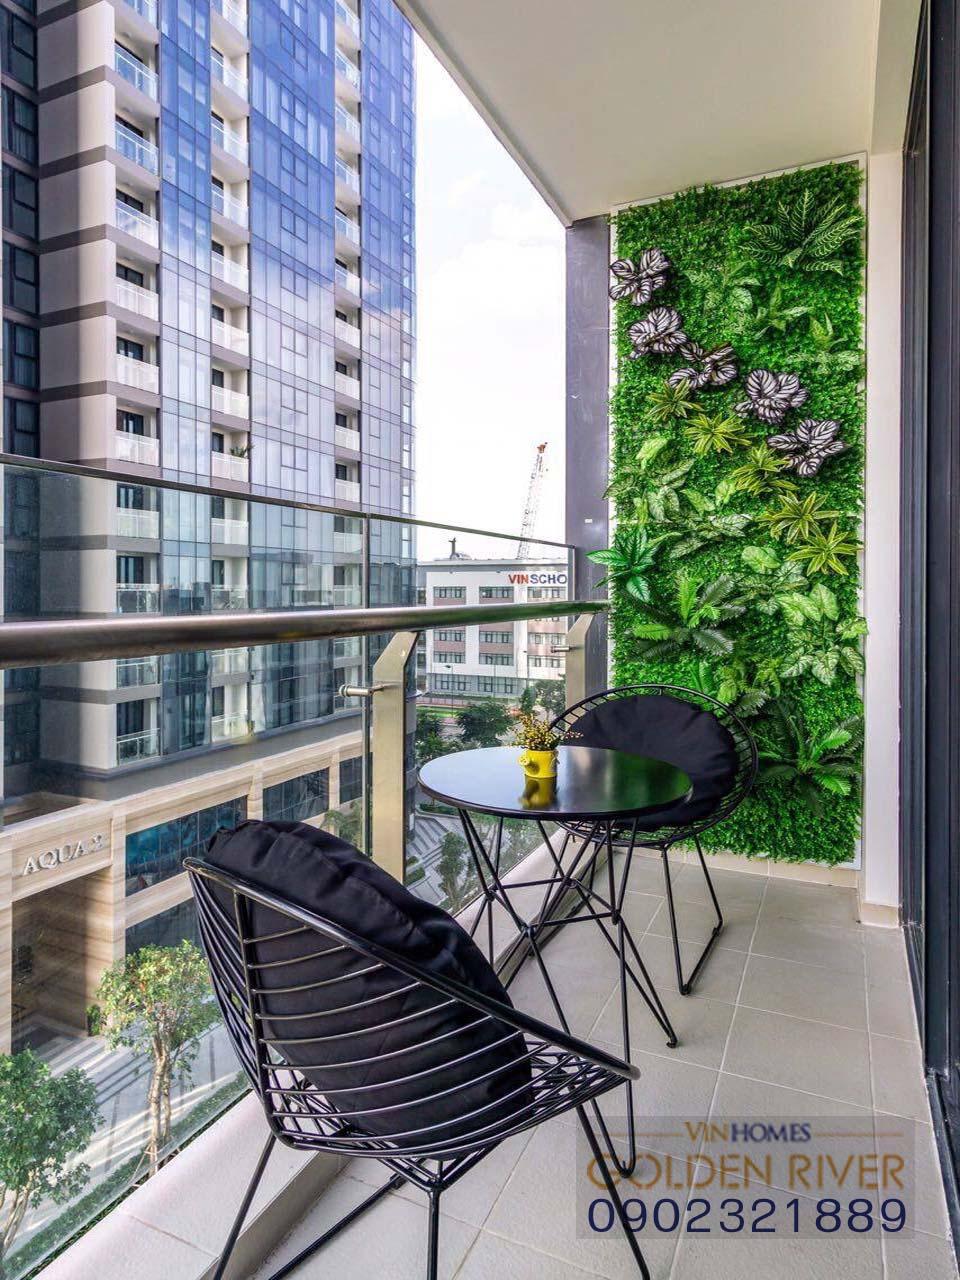 Vinhomes Golden River Aqua 1 cho thuê căn hộ 74m² - hình 7